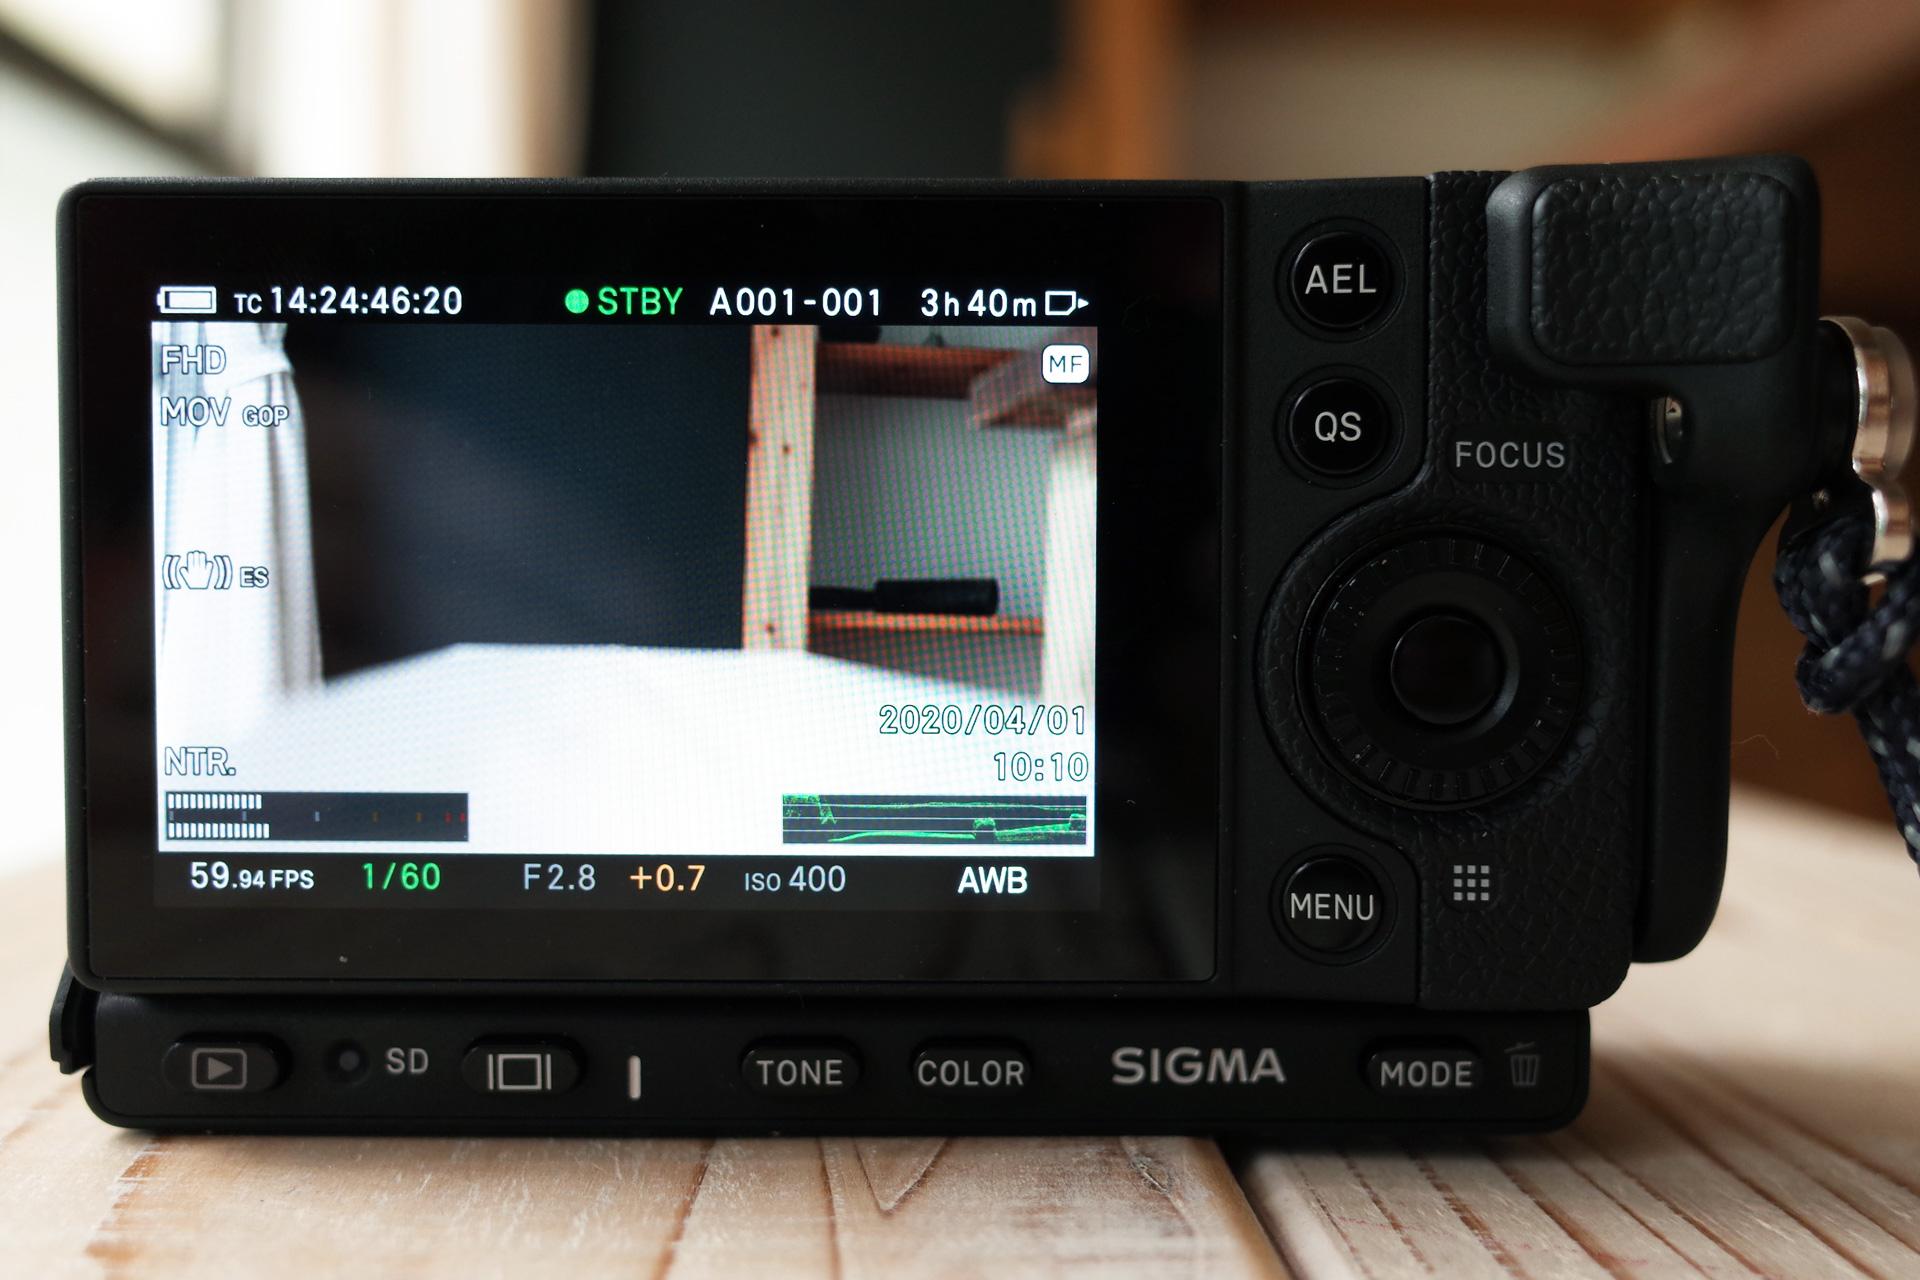 シグマ sigma fp フルサイズ ミラーレス一眼 モニター画面